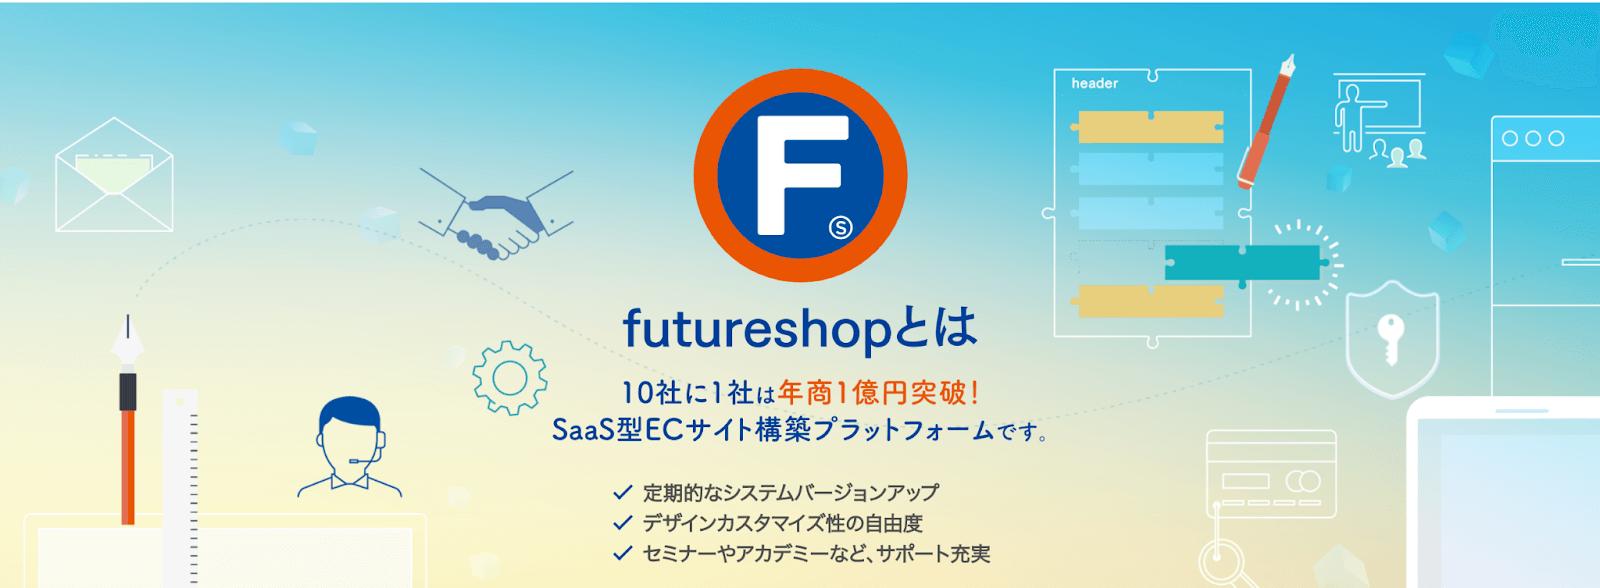 futureshop(フューチャーショップ)とは